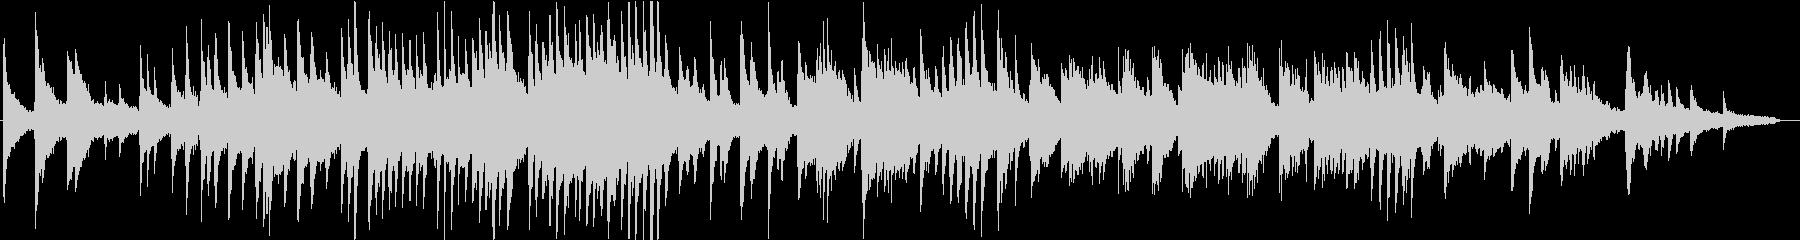 壮大なダークファンタジーのピアノソロの未再生の波形